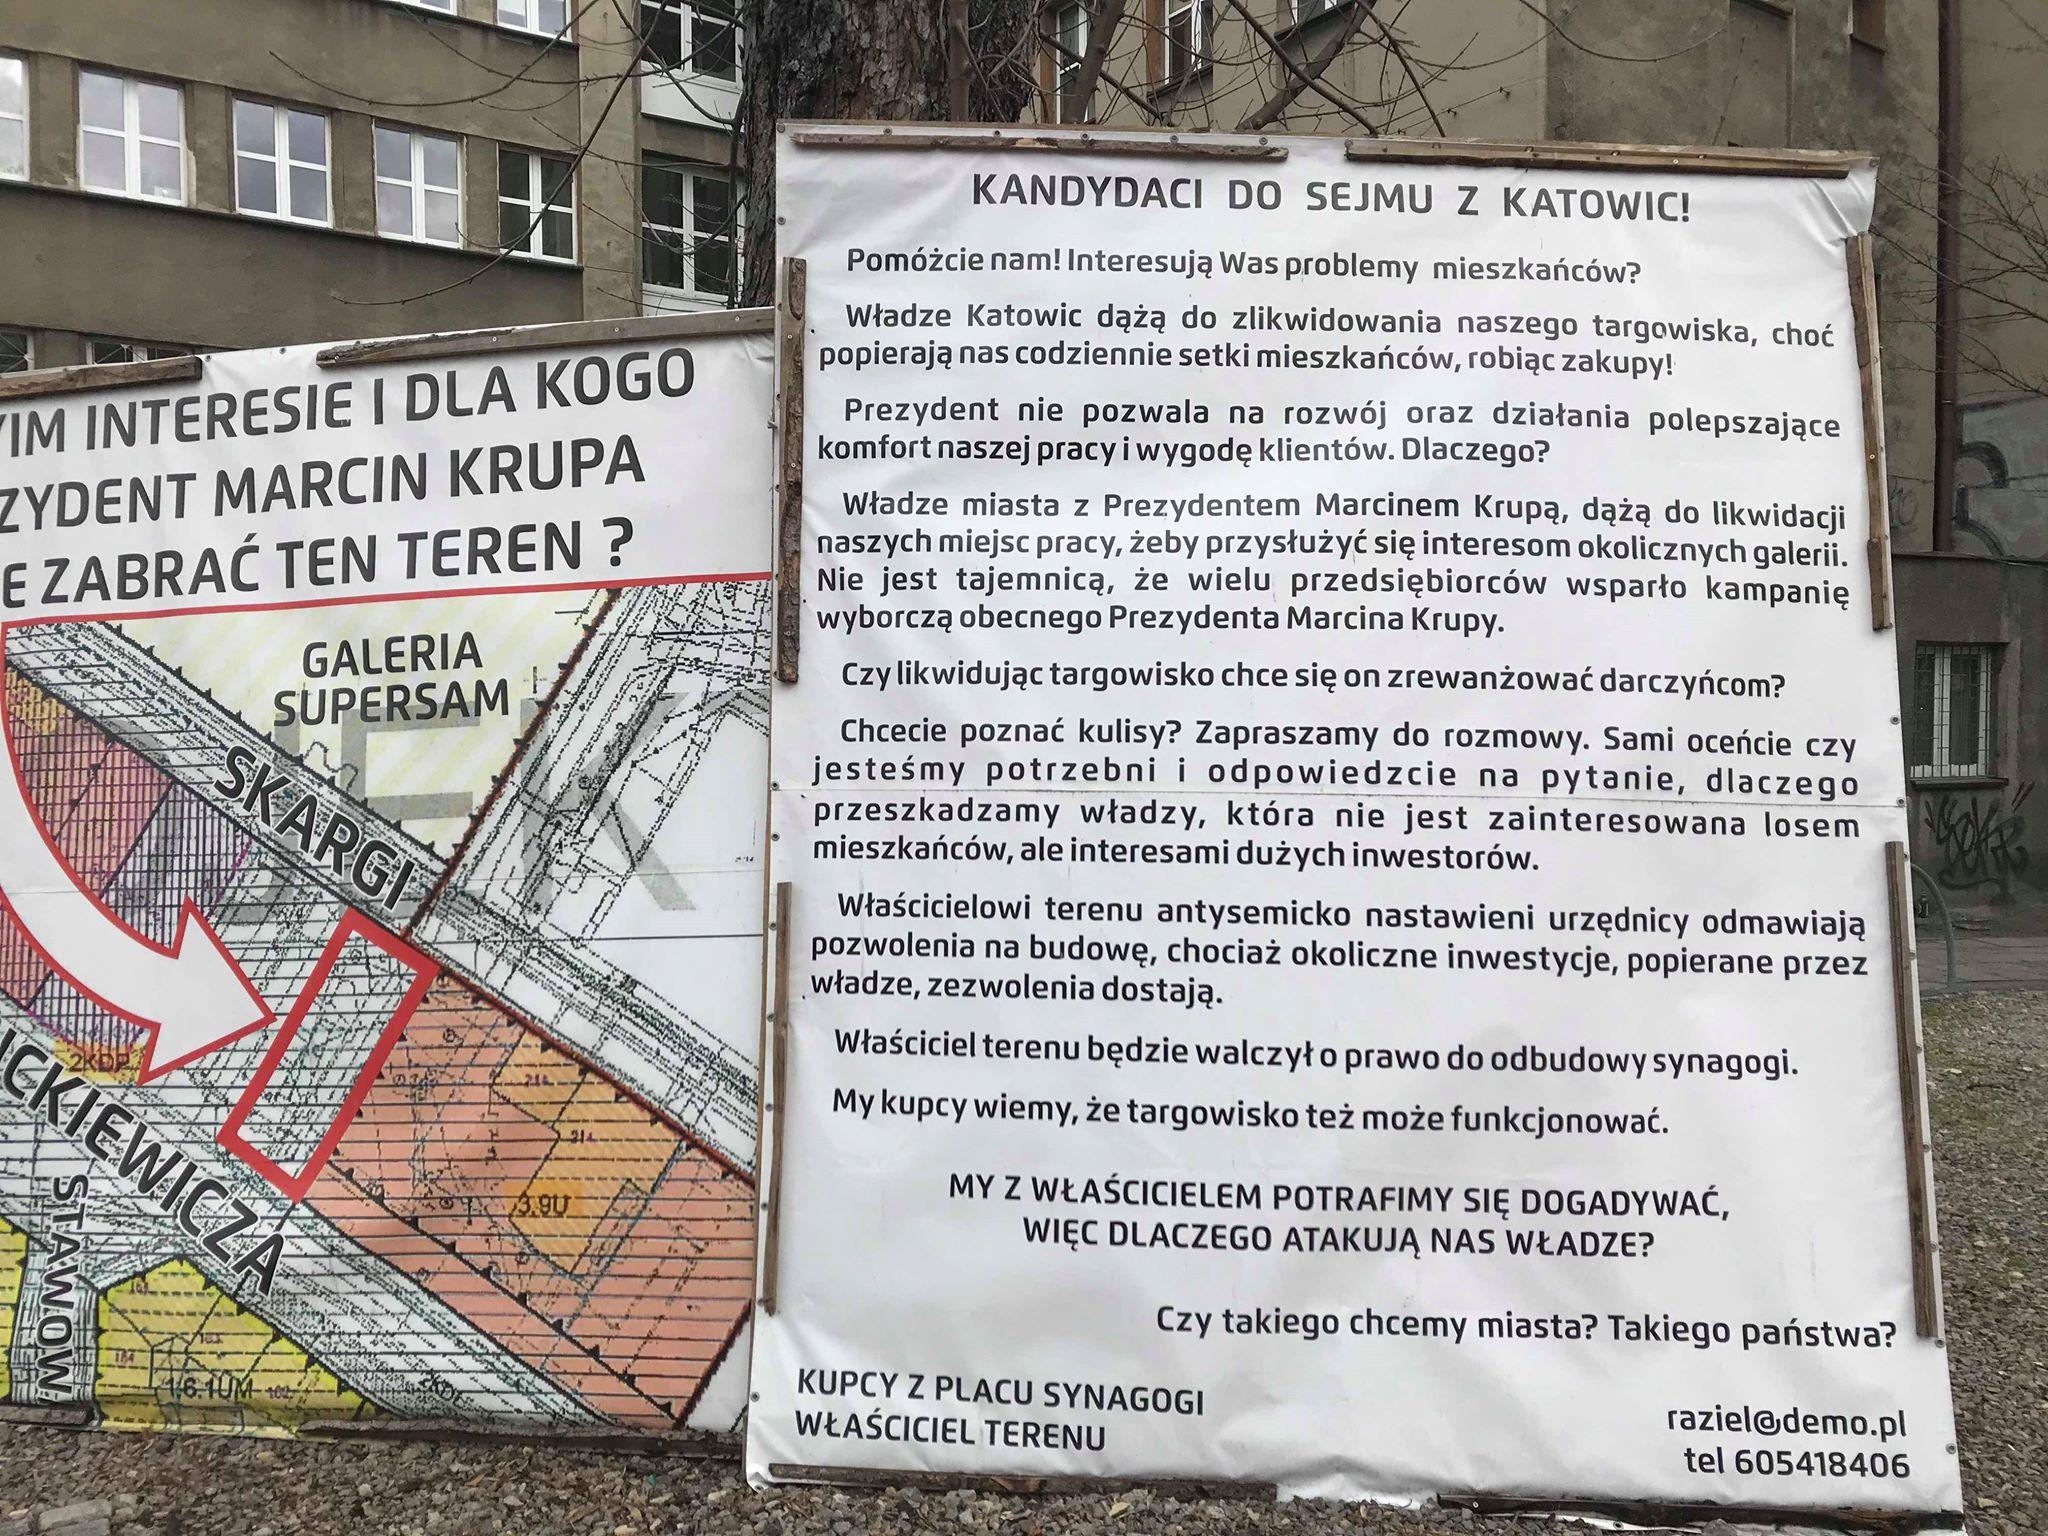 Apel i zarazem kwintesencja konfliktu pomiędzy właścicielem terenu a UM Katowice. [fot. B. Bednarczuk]